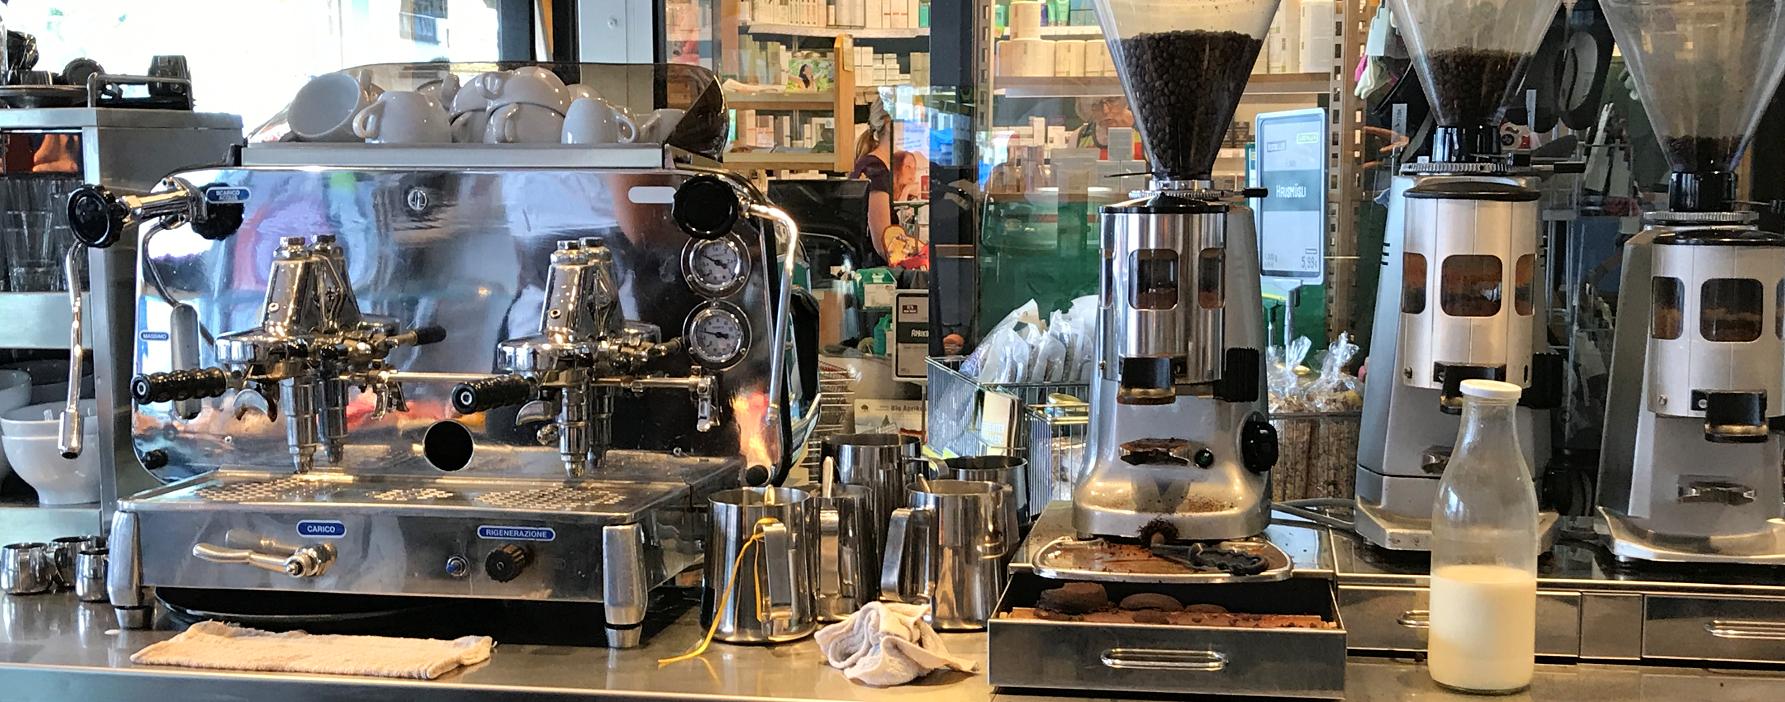 Faema-E61-Siebtrager-Espressomaschine-web